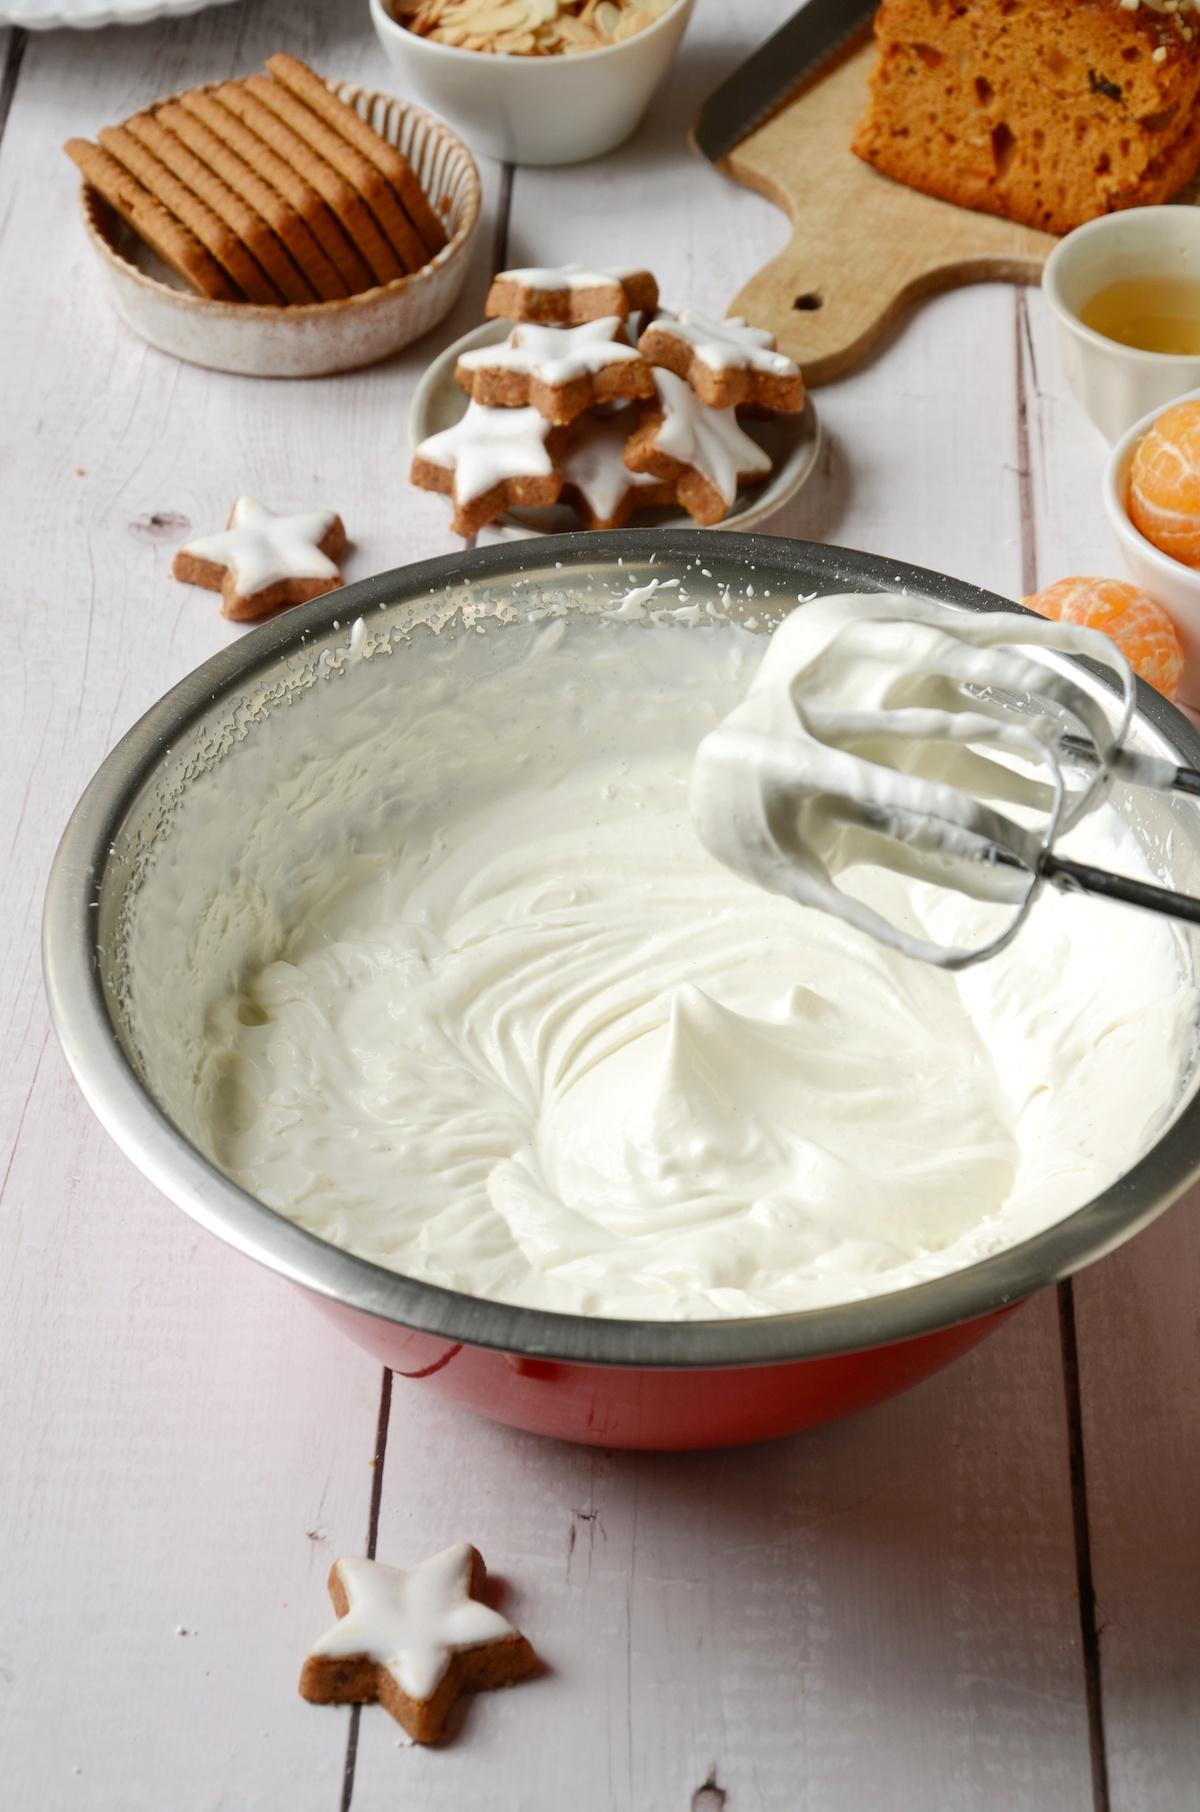 astuce glaçon monter crème fouettée chantilly fraîche